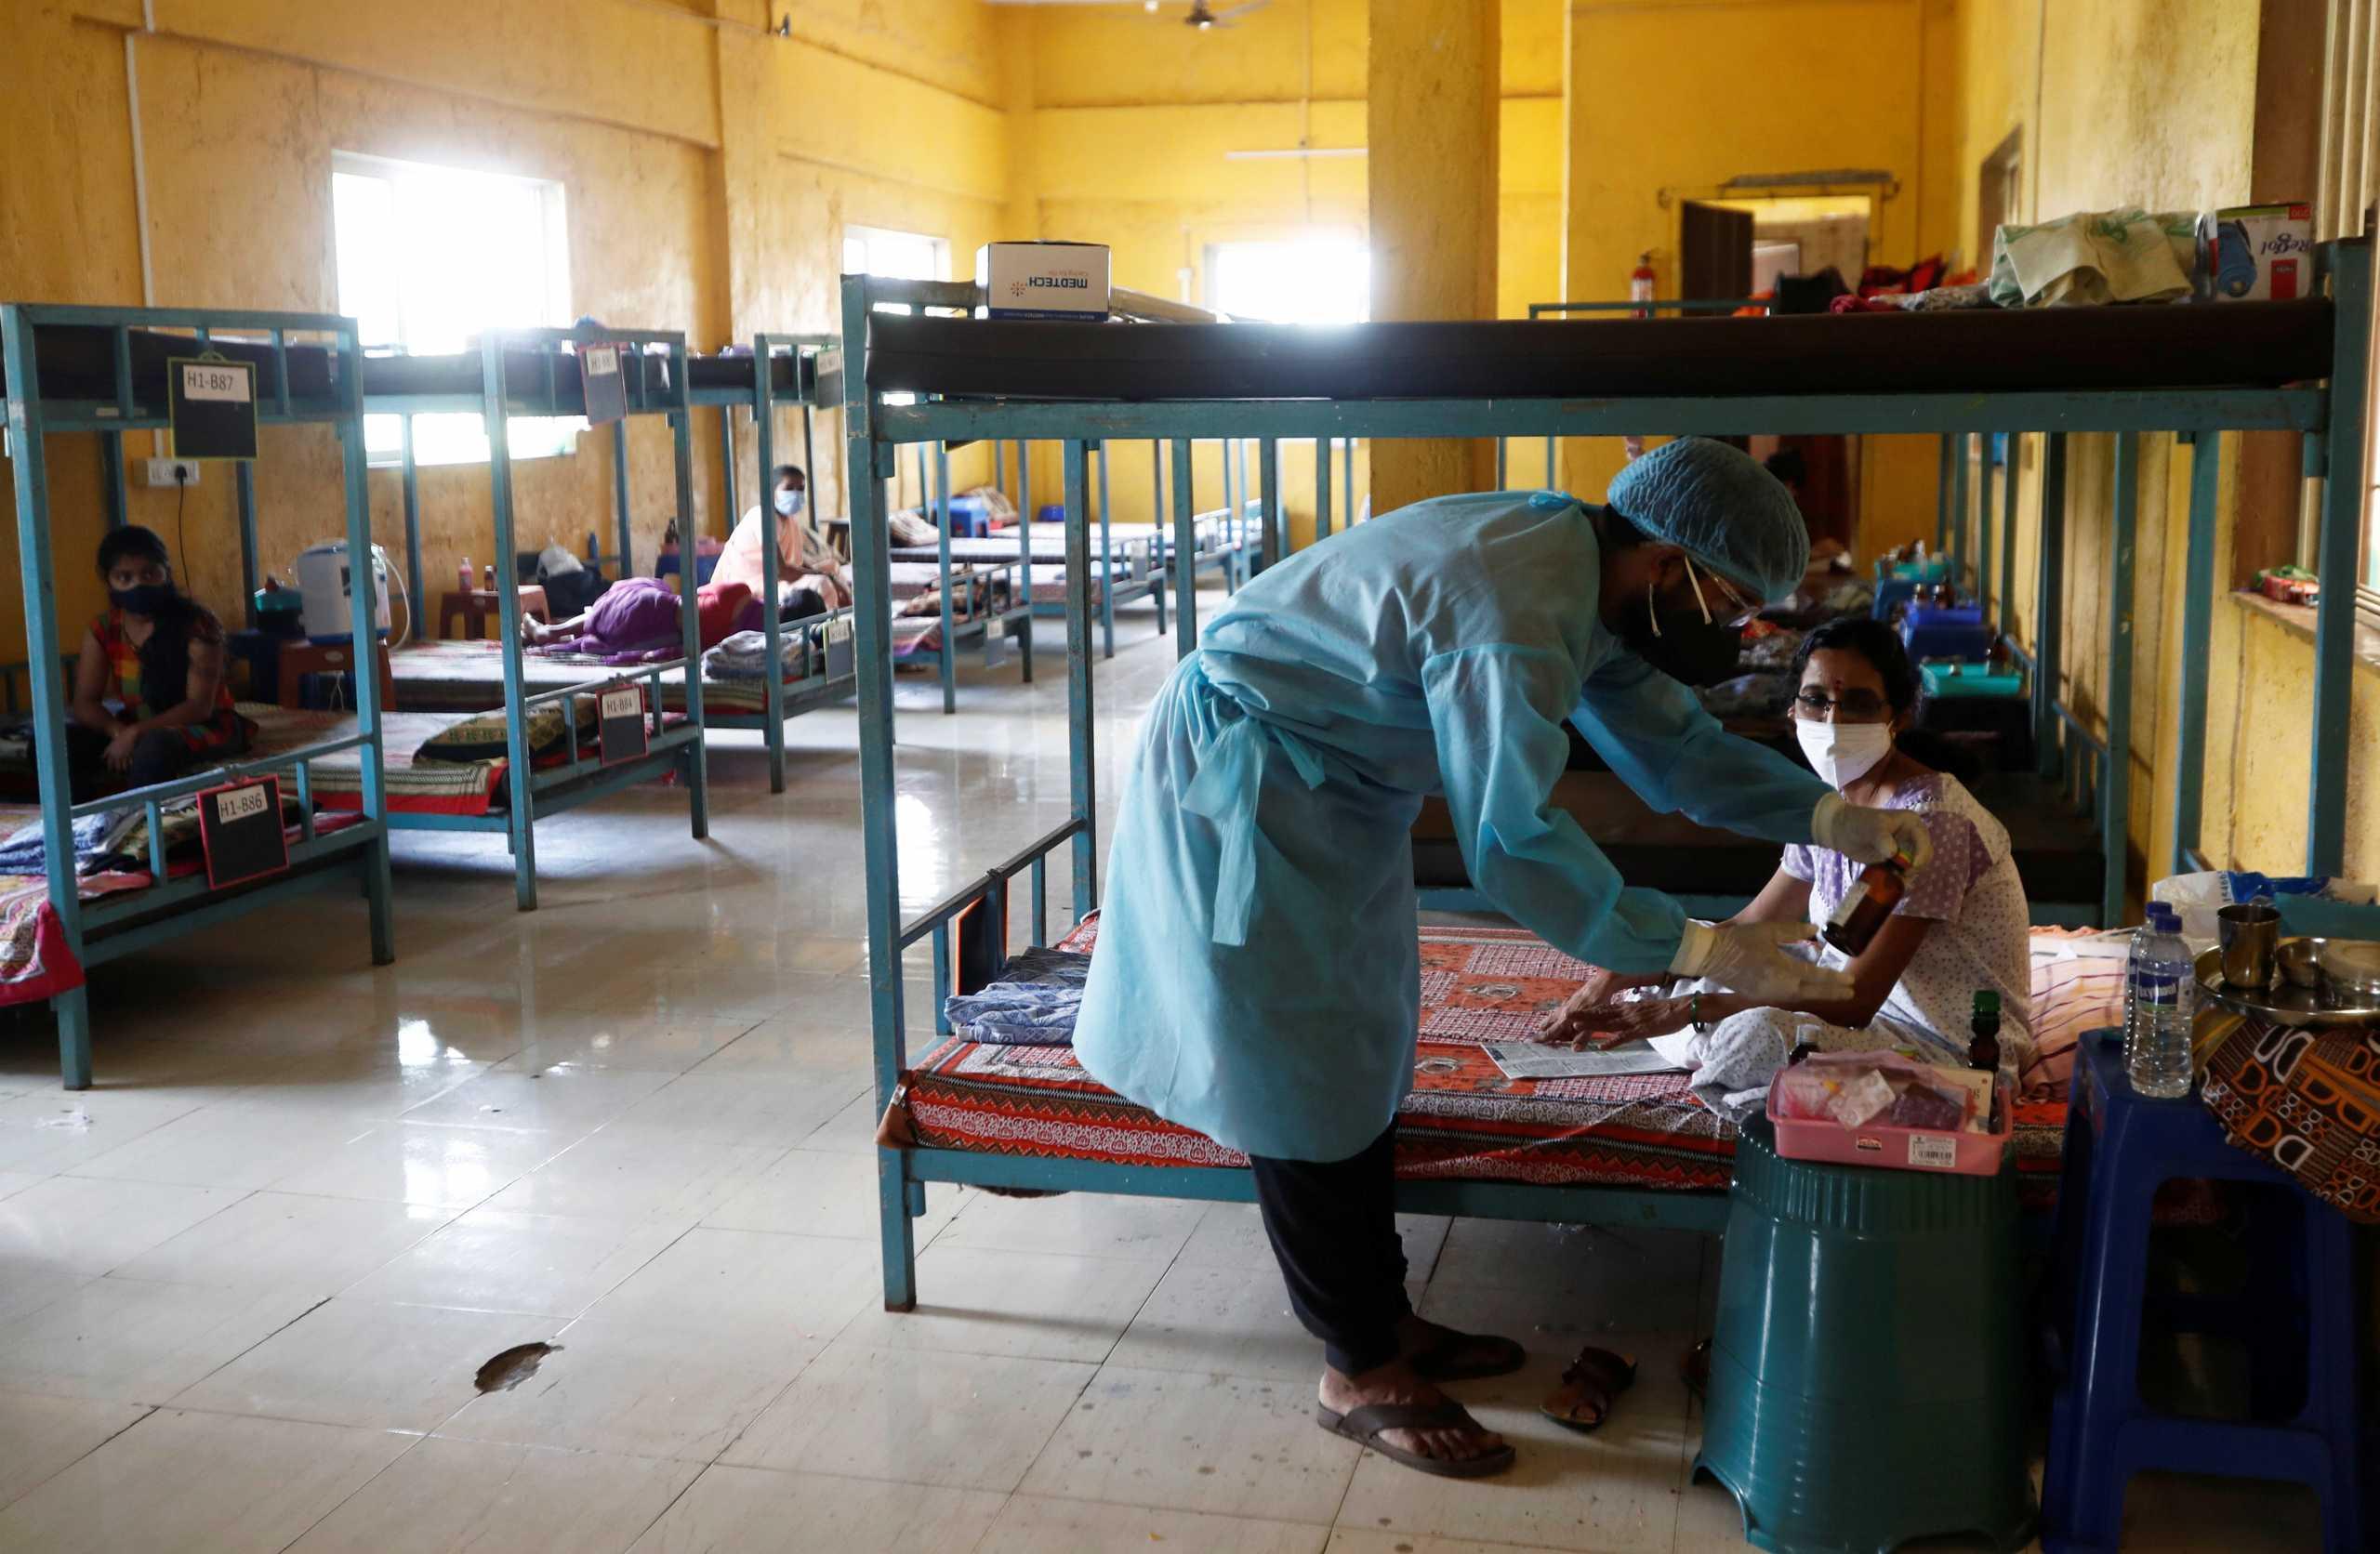 Ινδία: Μόνο… 196.000 κρούσματα κορονοϊού το τελευταίο 24ωρο – Άλλοι 3.511 θάνατοι